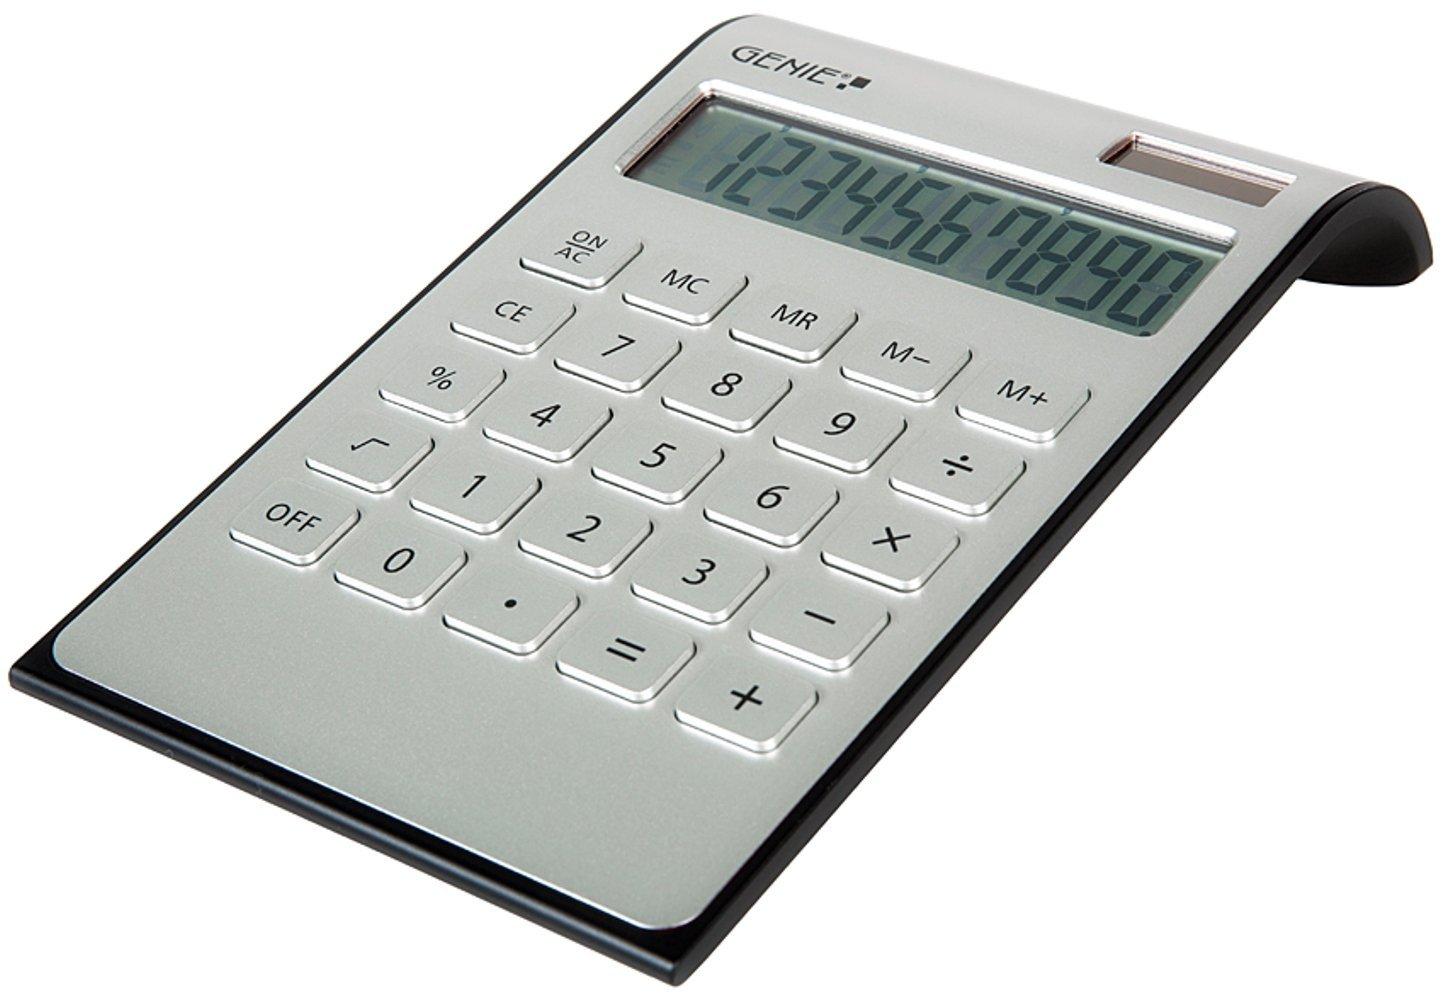 Calcolatrice da tavolo compatta 10 cifre colore argento